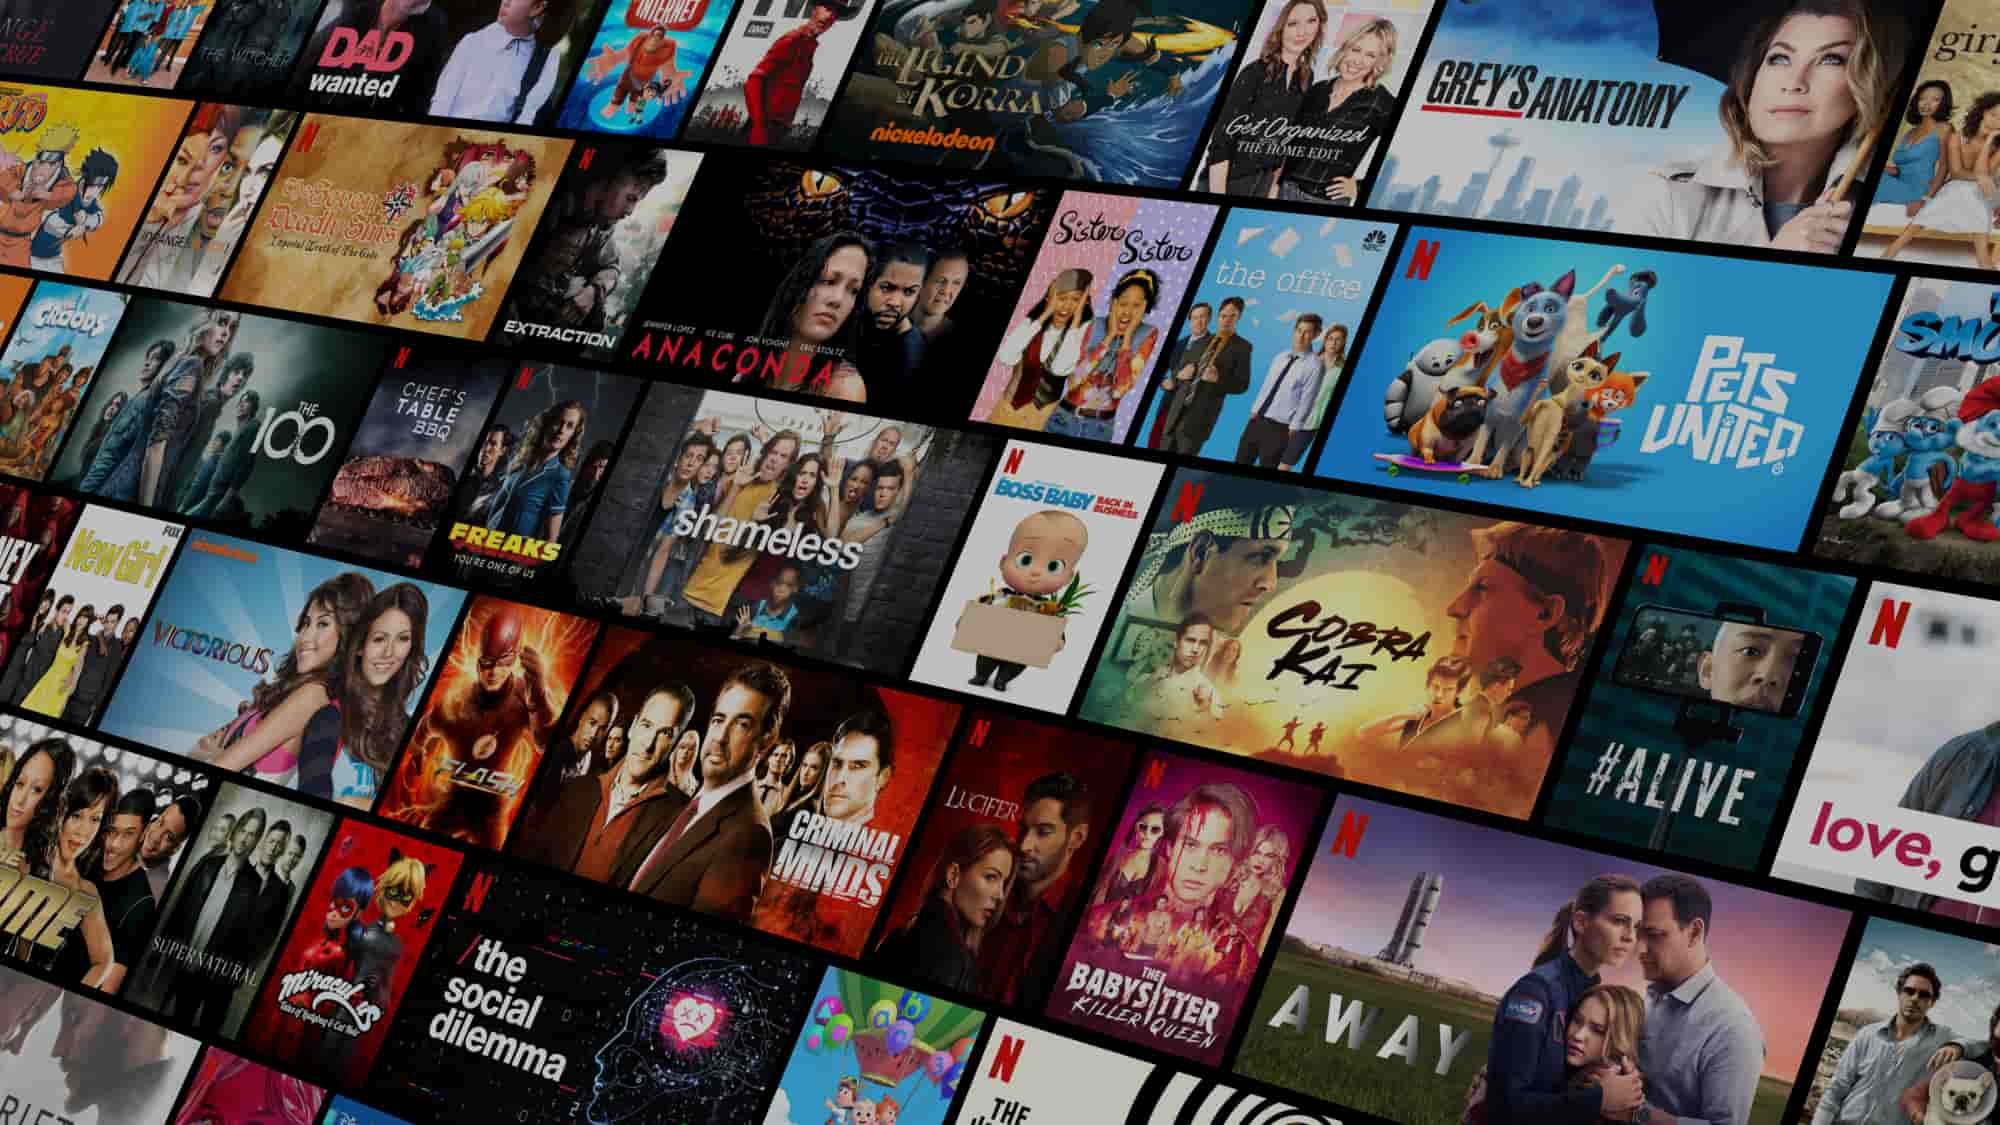 Netflix Watch Tv Shows Online Watch Movies Online Tv Shows Online Watch Tv Shows Movies To Watch